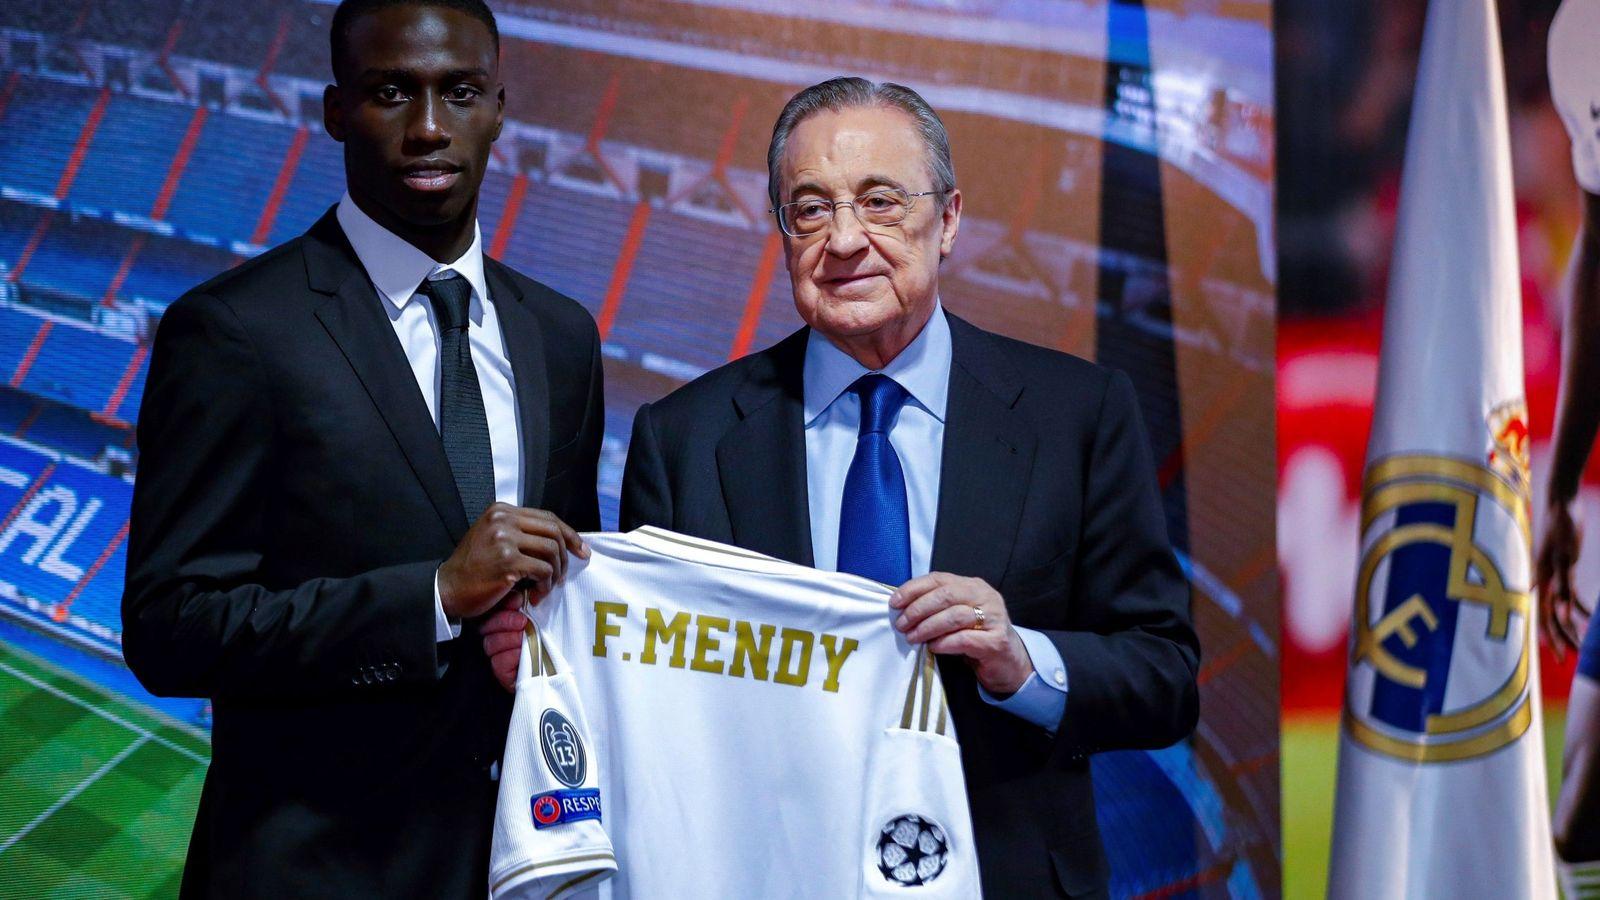 Foto: Ferland Mendy posa con la camiseta del Real Madrid junto a Florentino Pérez durante la presentación del francés. (Efe)